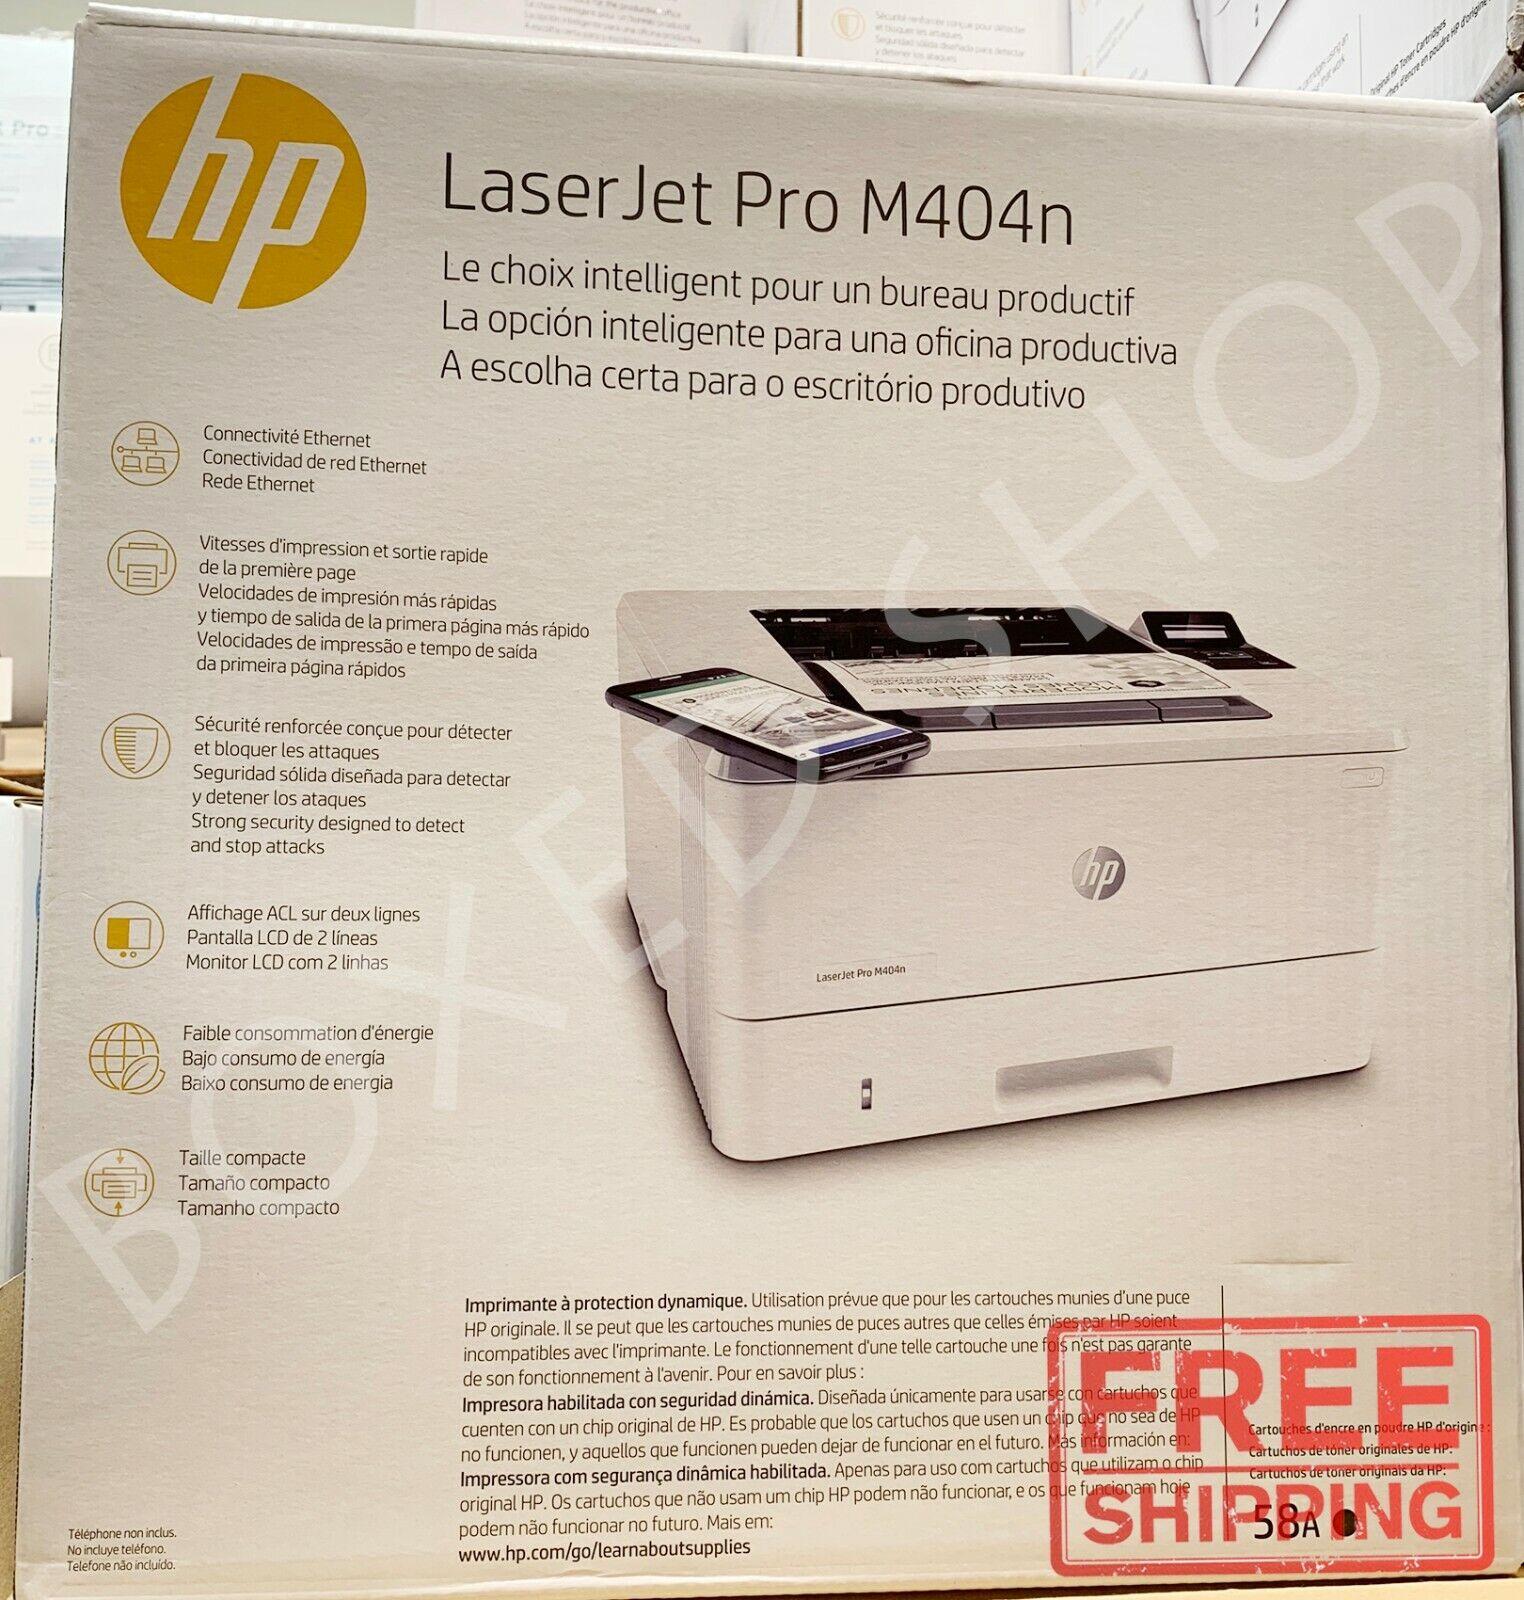 HP - LaserJet Pro M404n Black-and-White Laser Printer - Whit